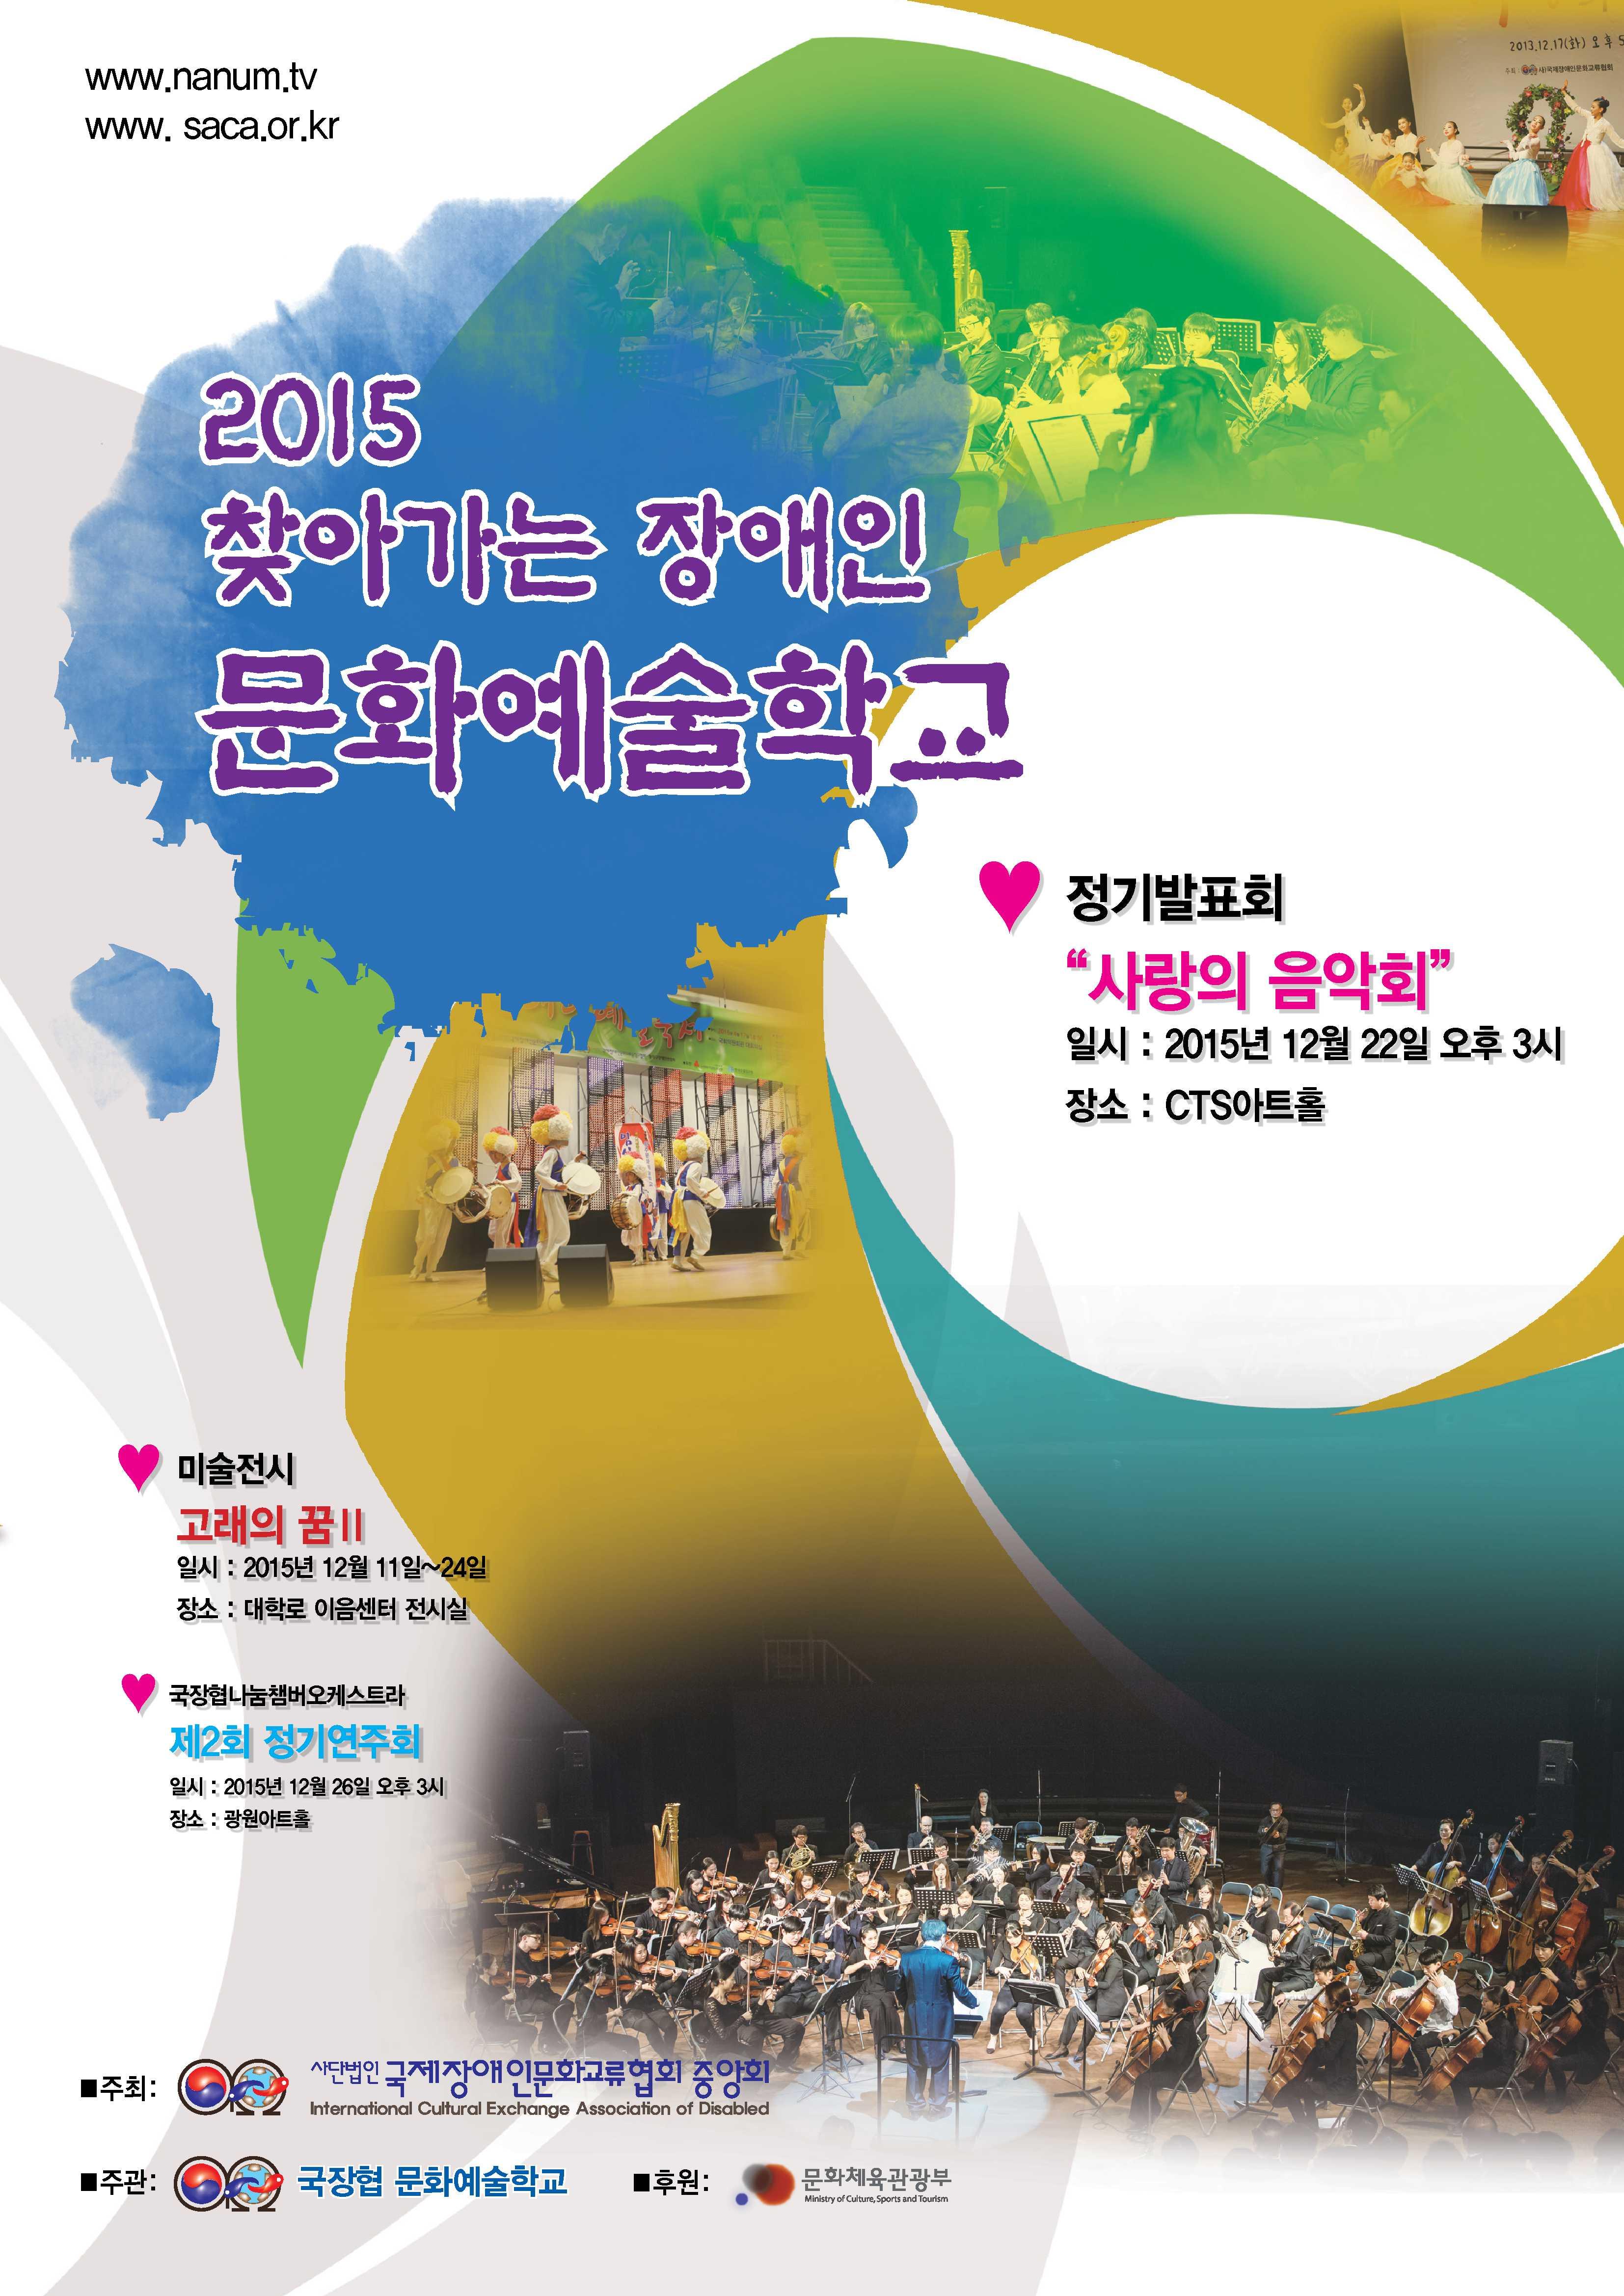 2015찾아가는장애인문화예술학교정기발표회'사랑의음악회' - 포스터.jpg